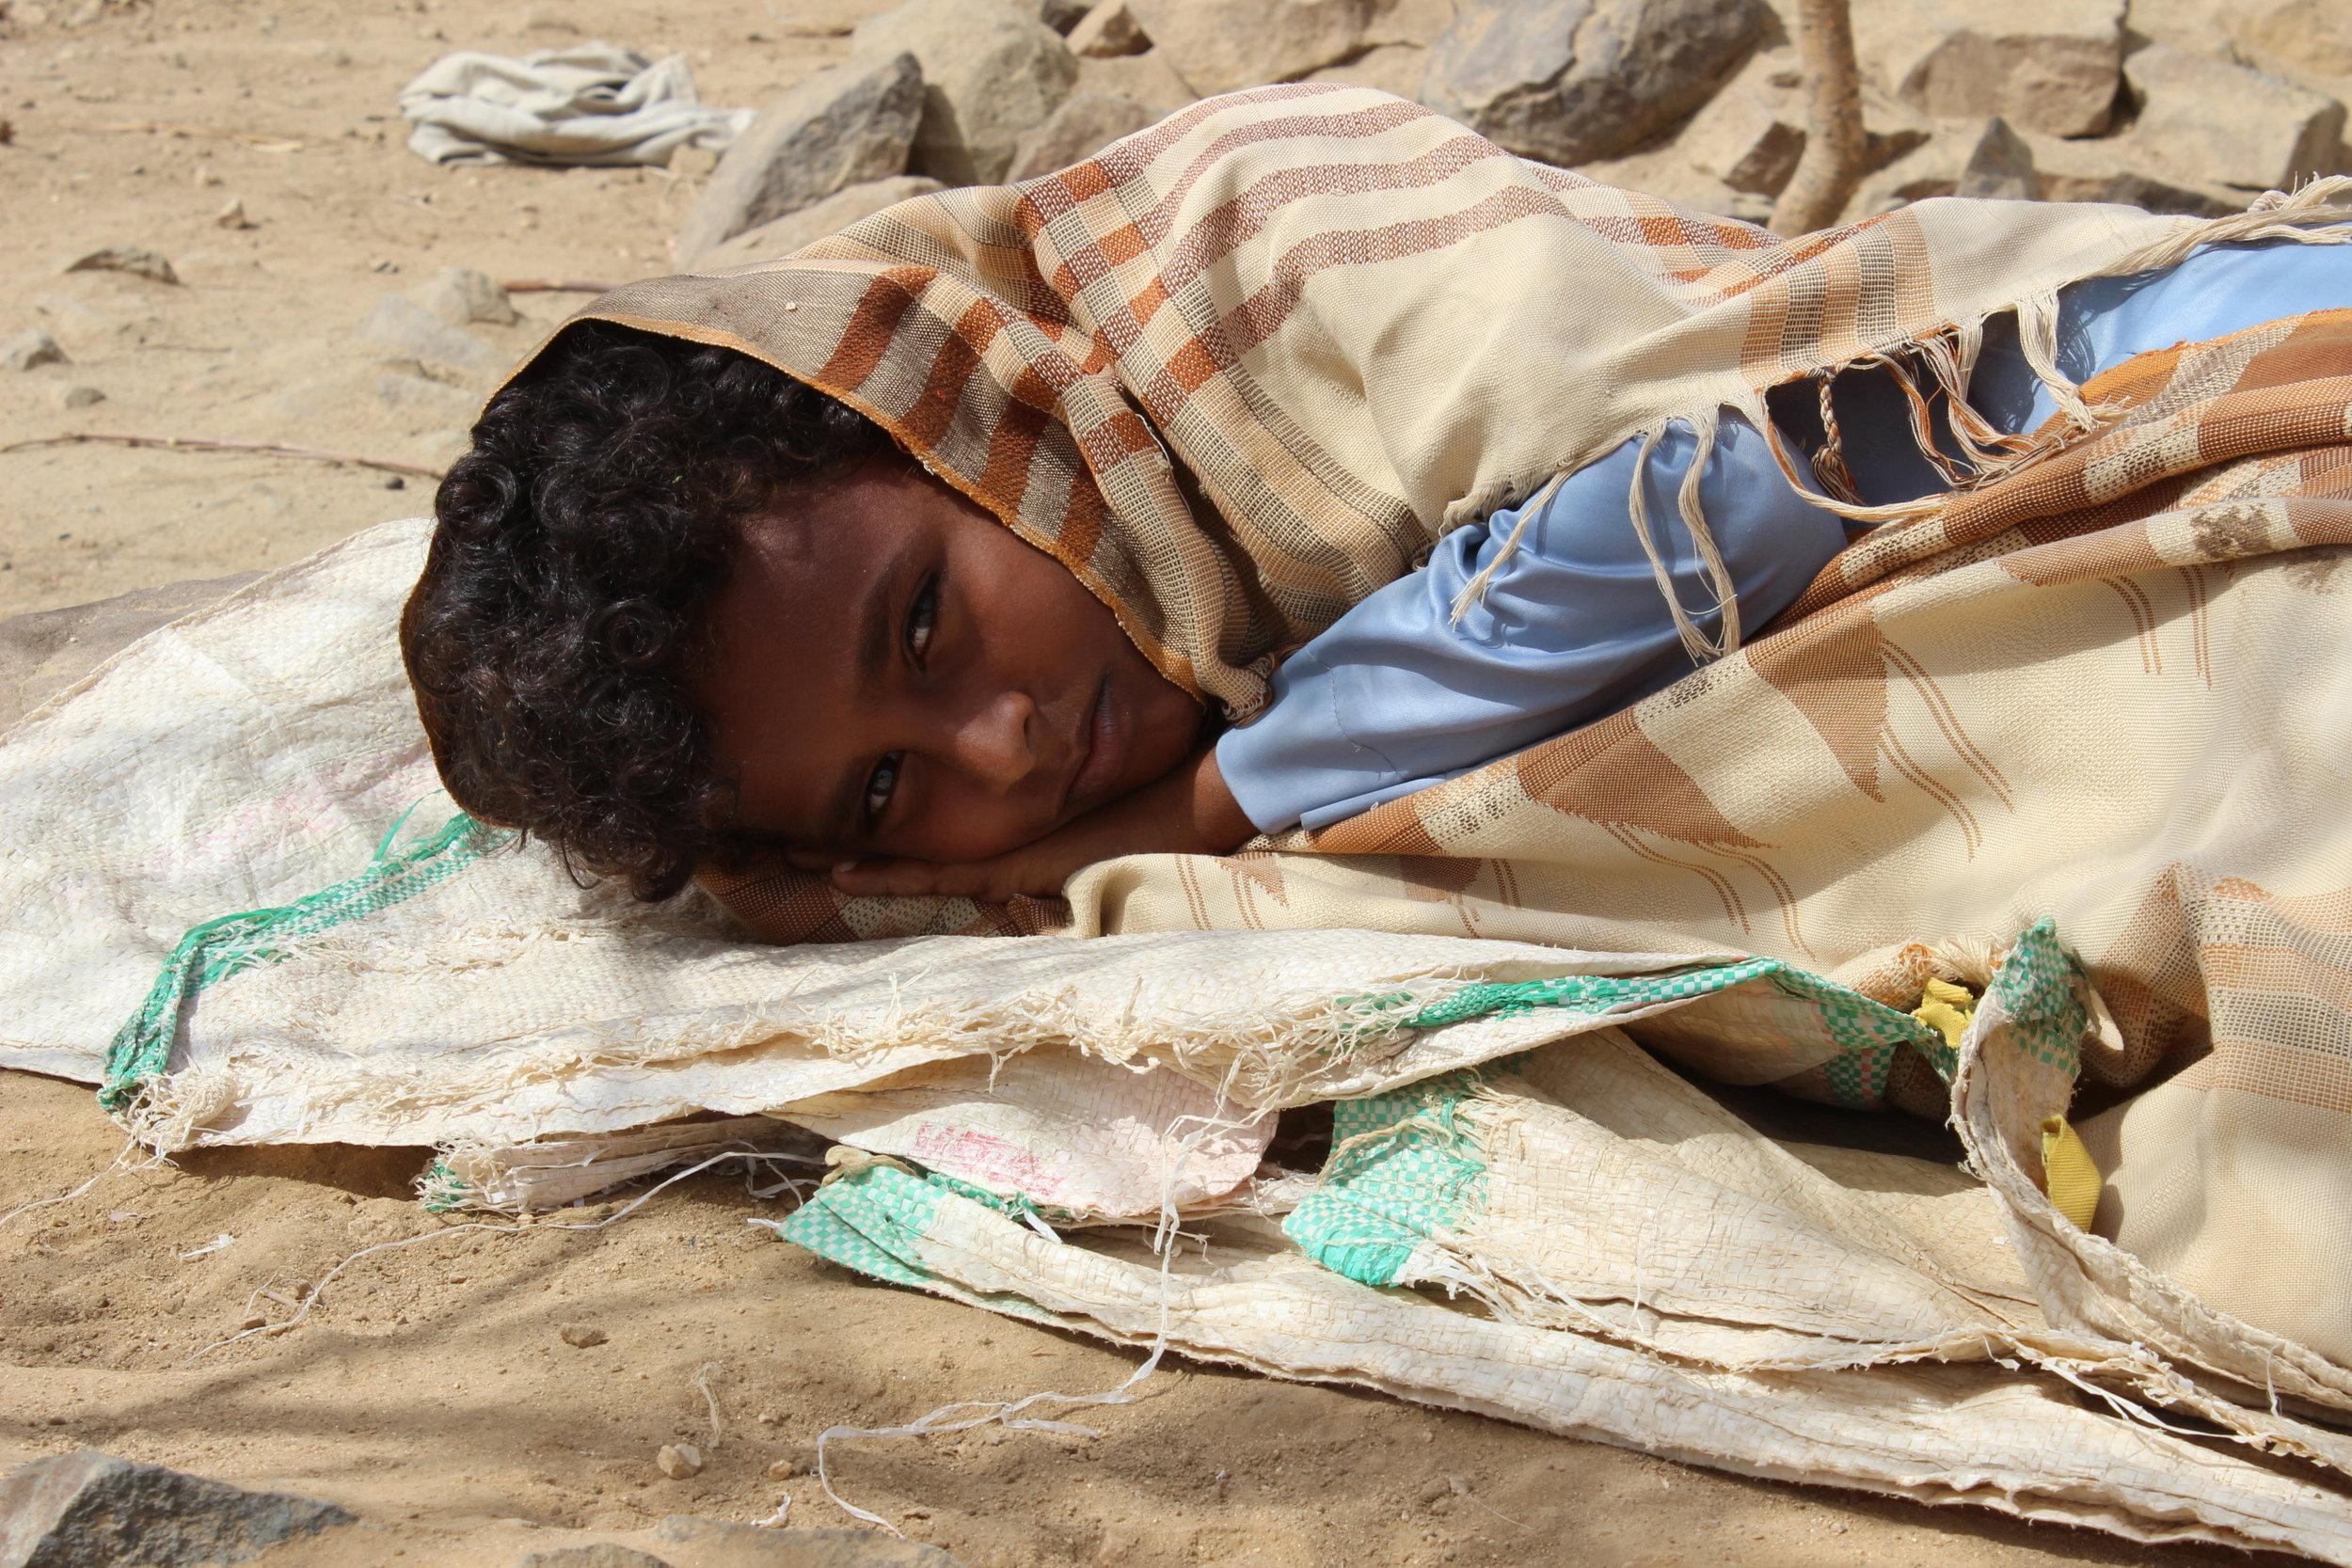 مويد الشيباني / أوكسفام اليمن - مارس 2017